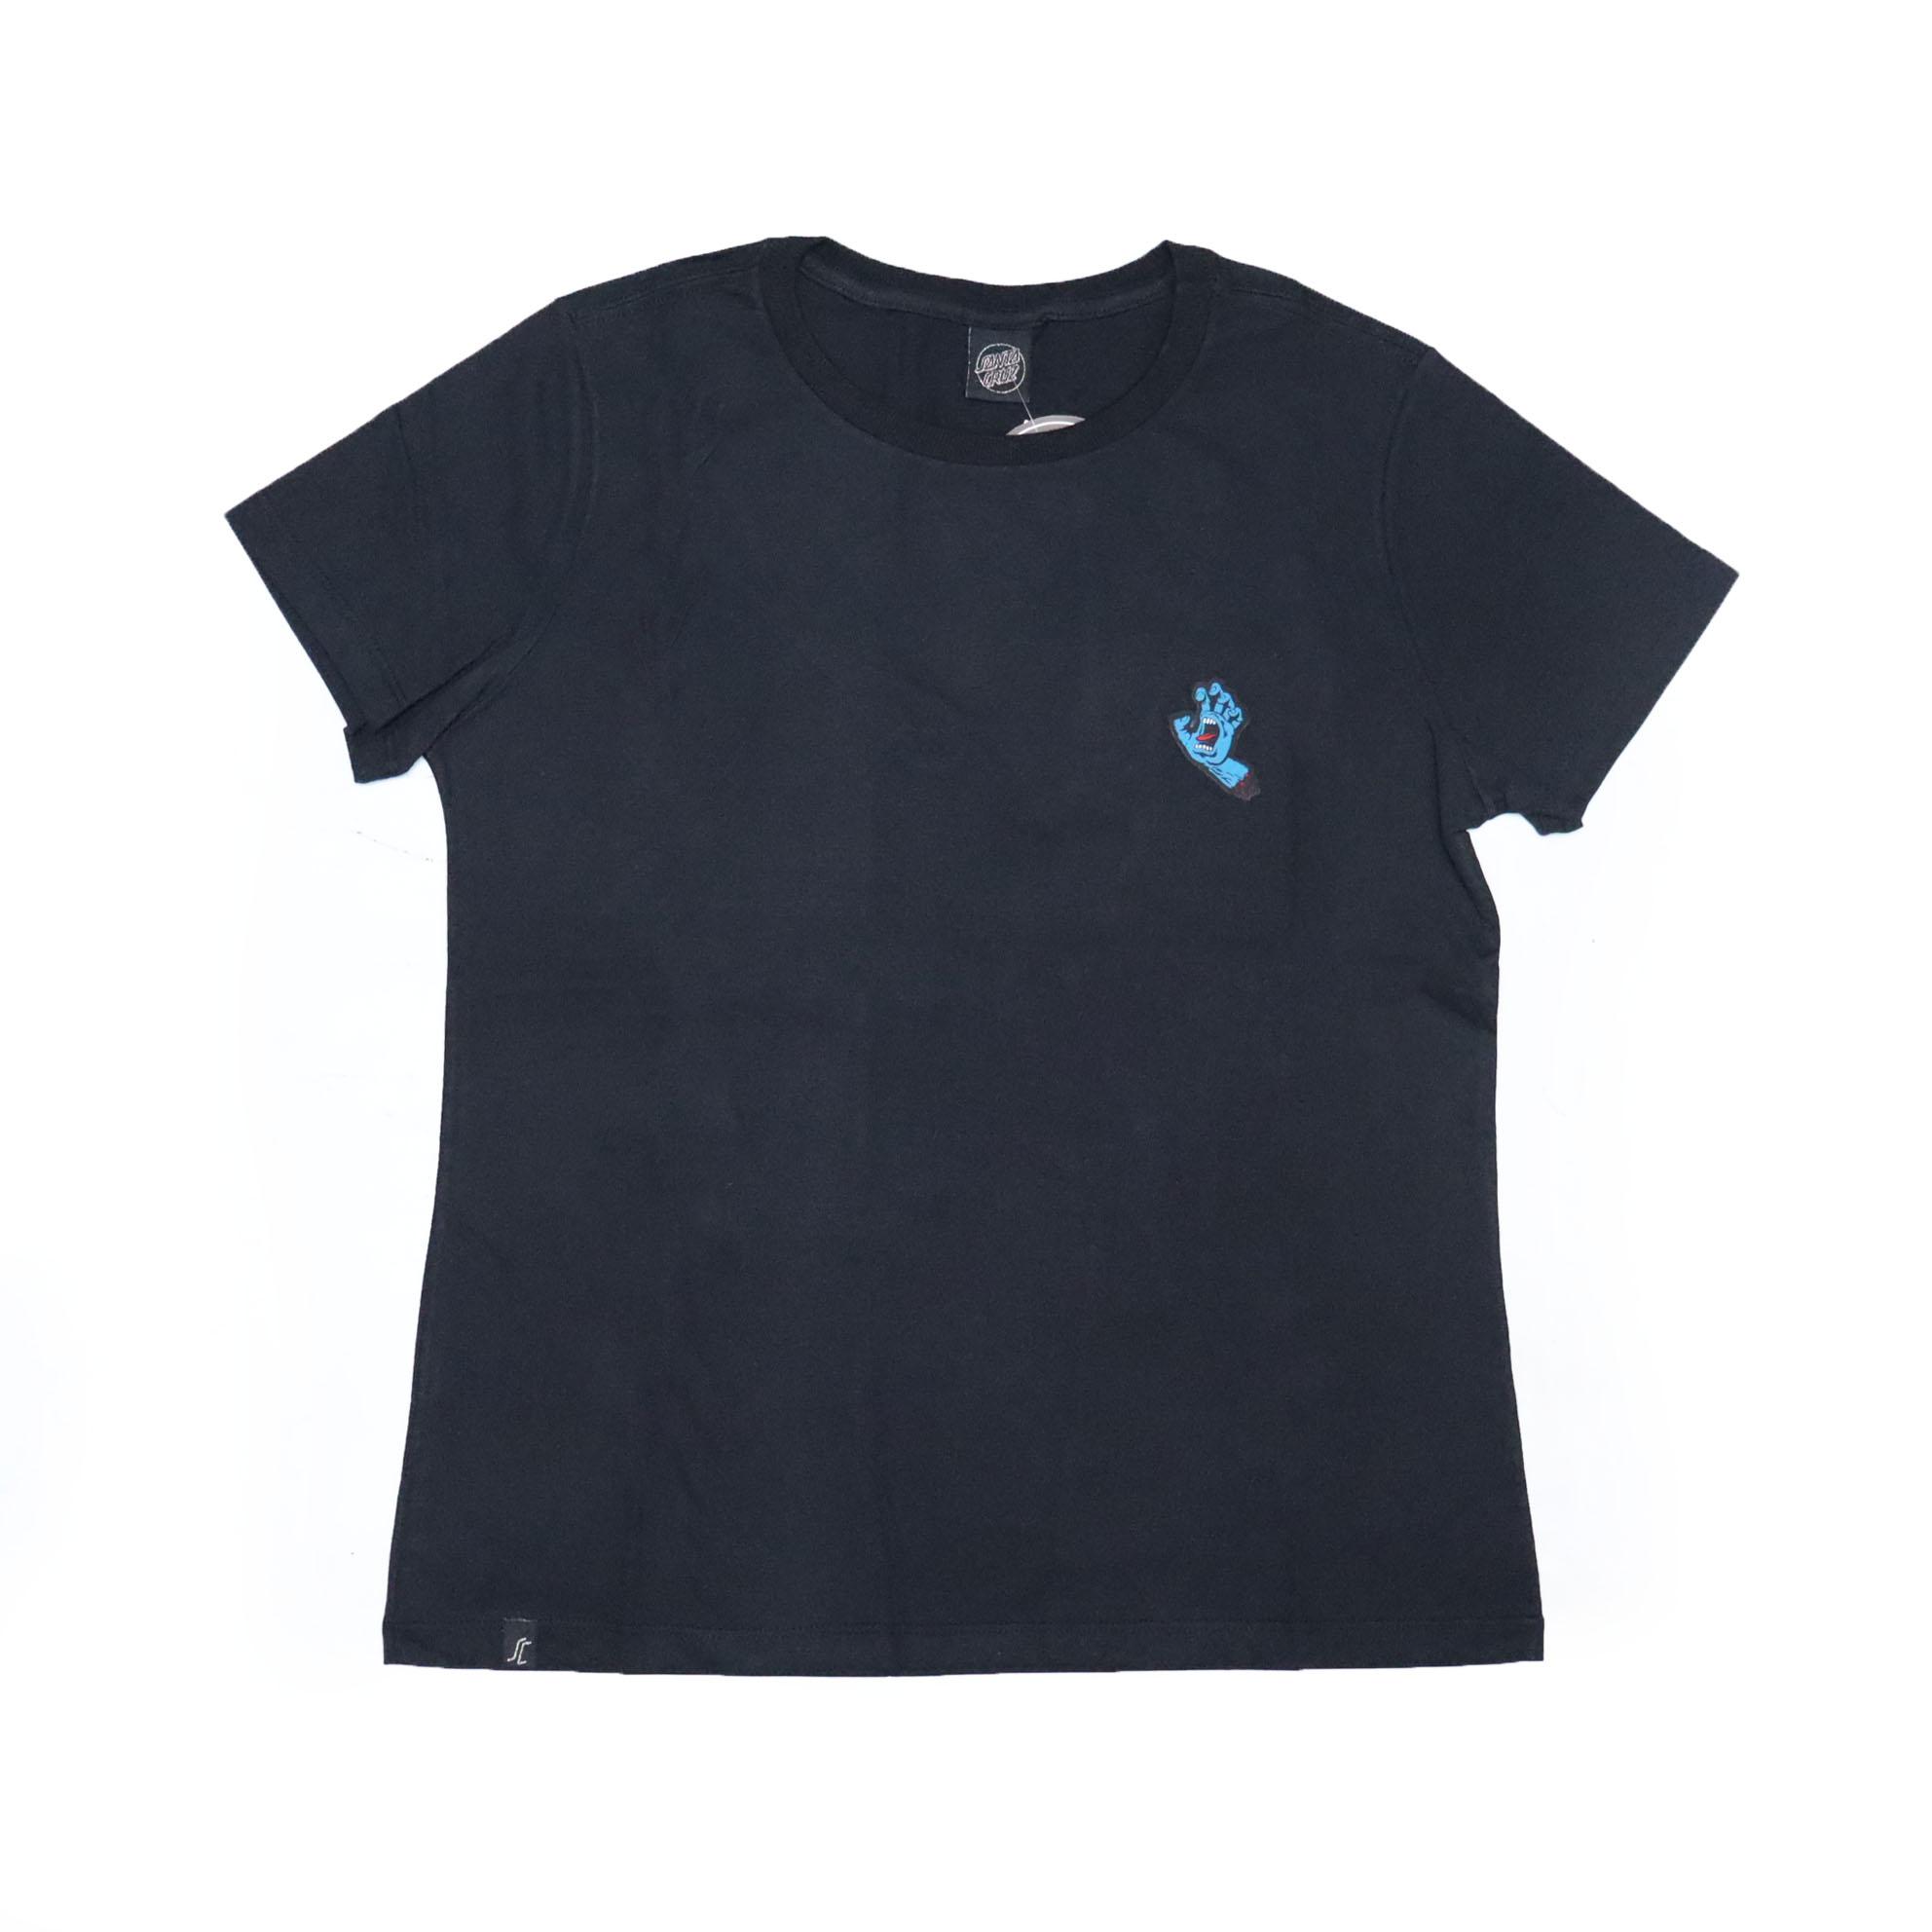 Camiseta Feminina Santa Cruz Hand Chest - Preto/Azul